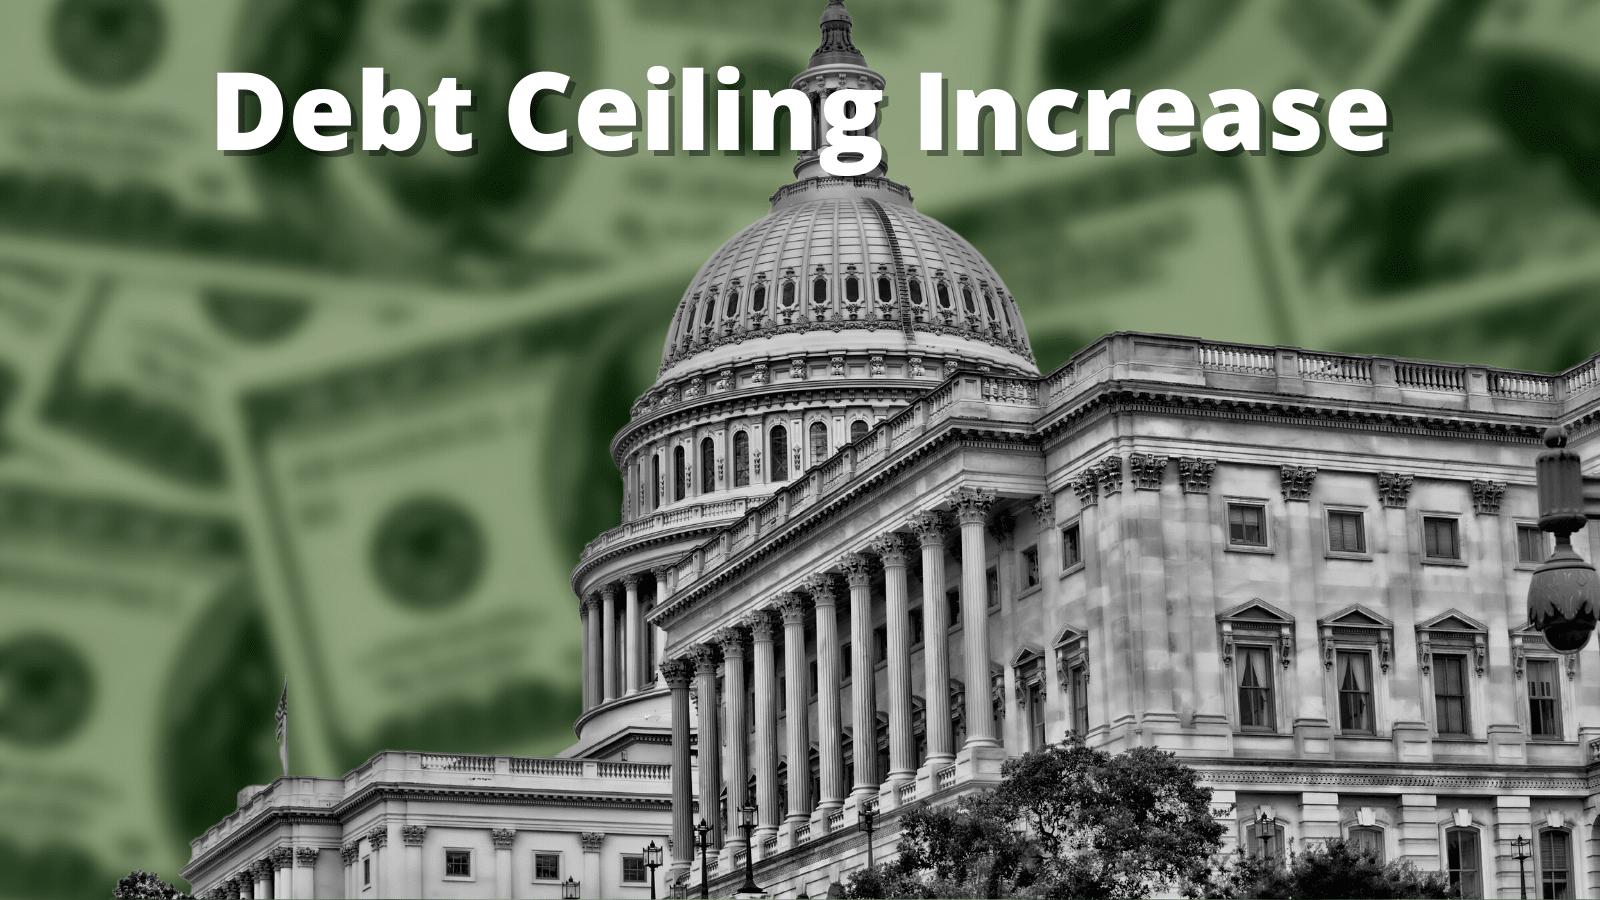 Debt Ceiling Increase